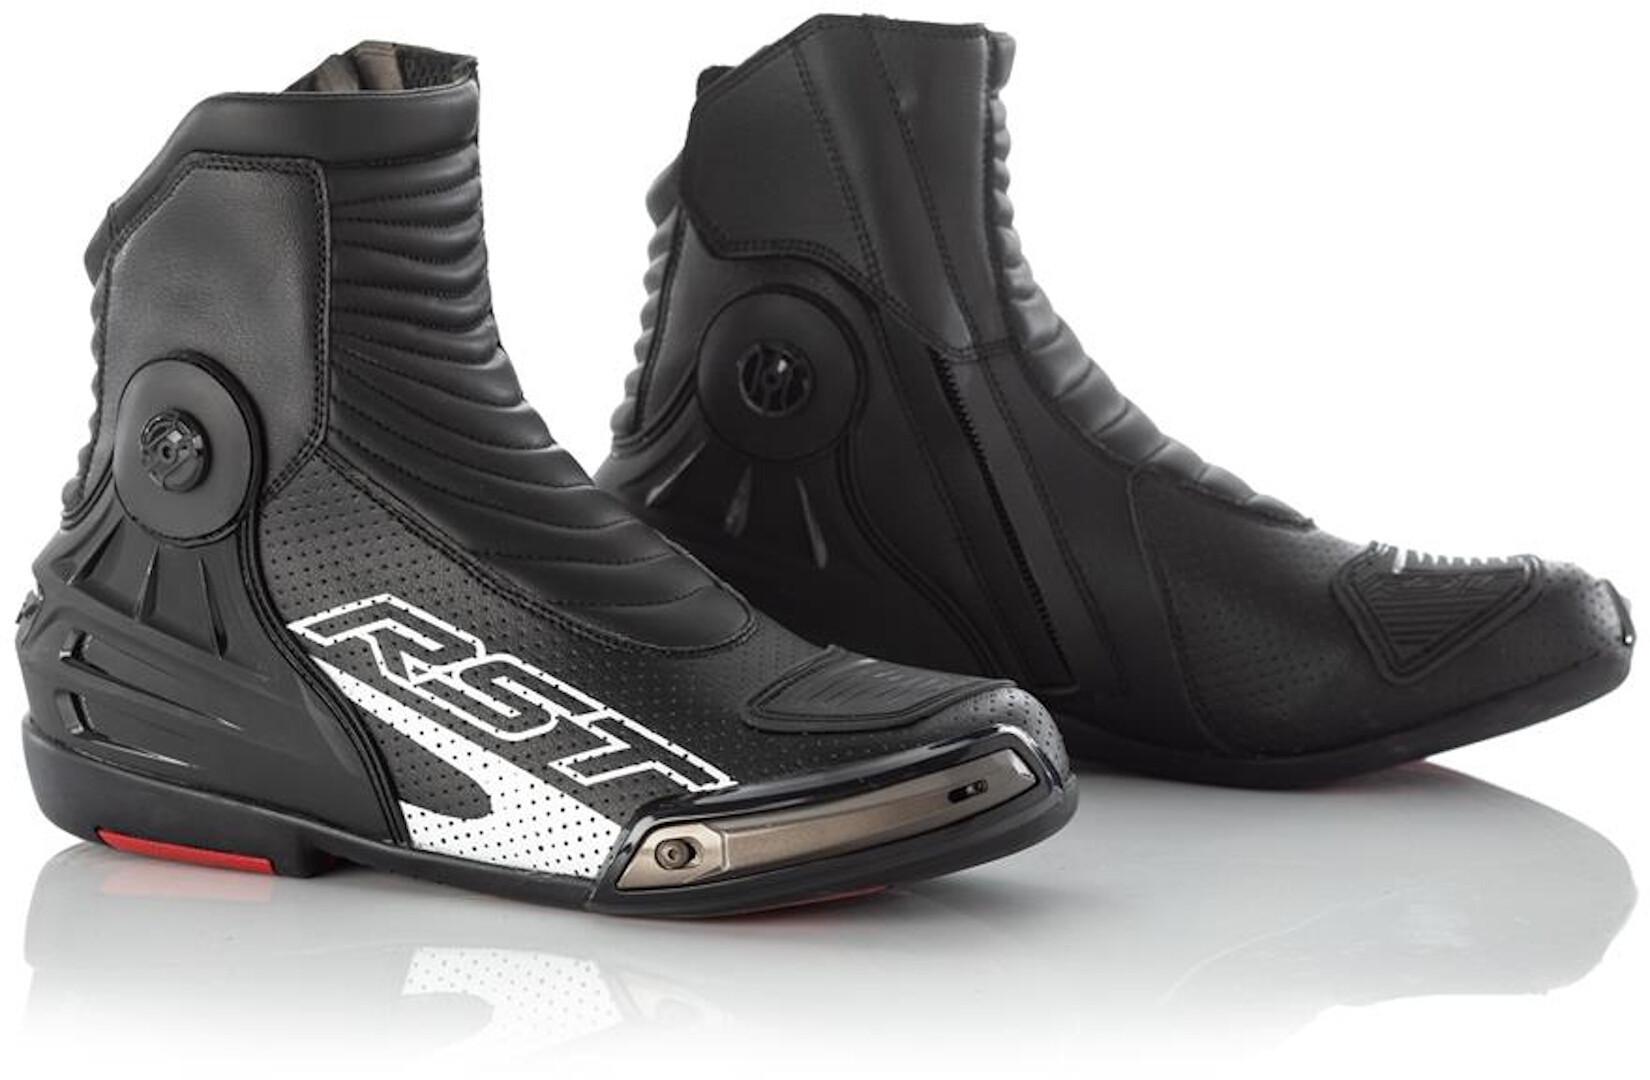 RST Tractech Evo III Motorradschuhe, schwarz, Größe 48, schwarz, Größe 48